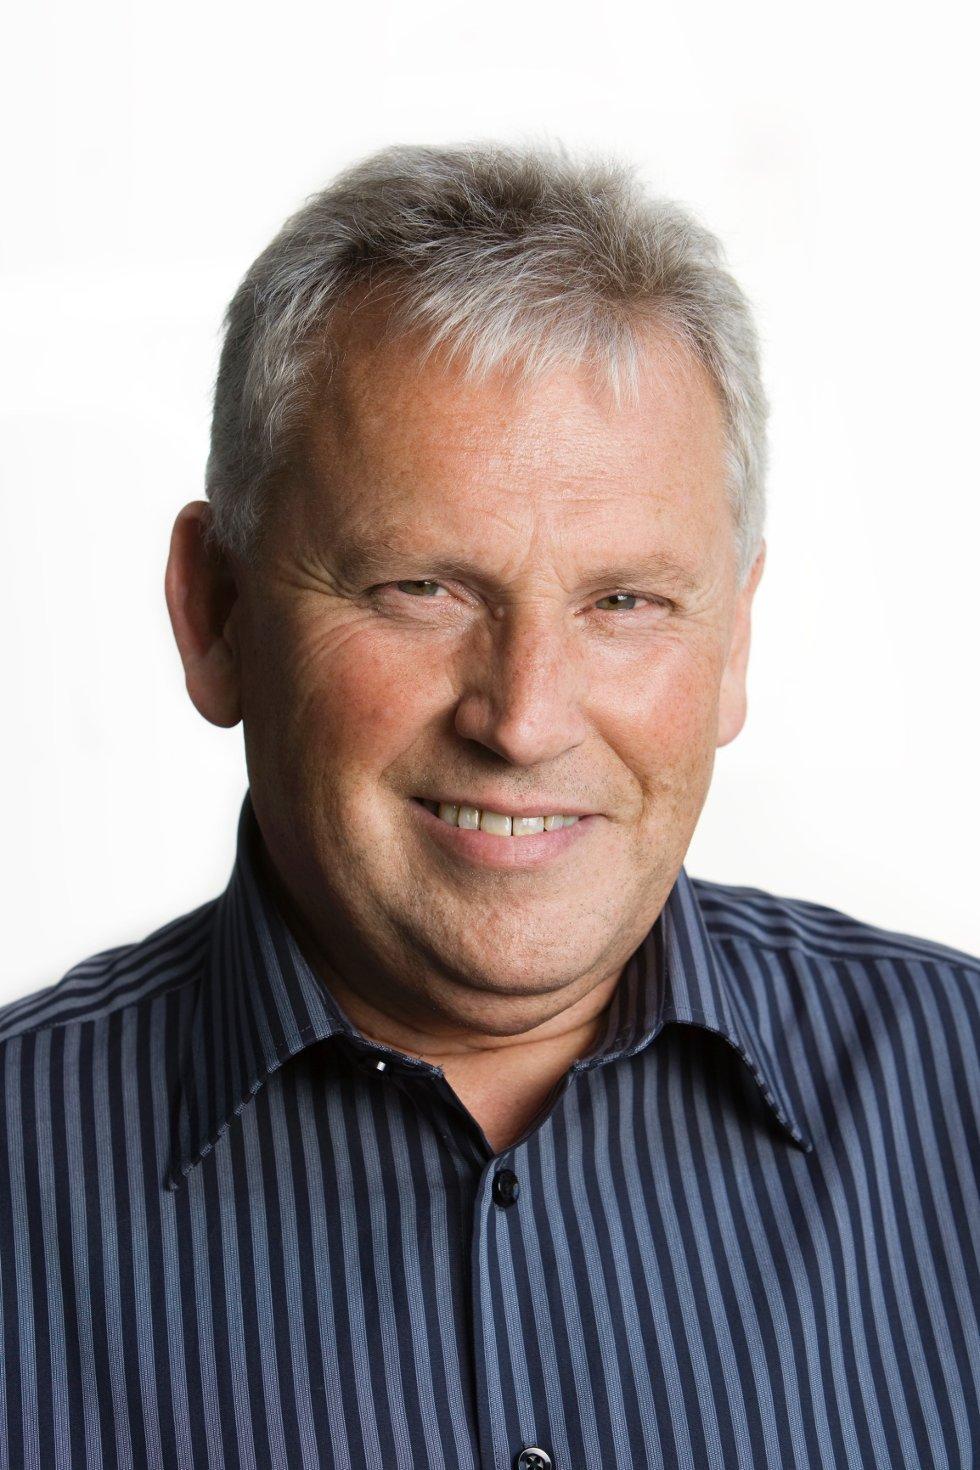 Mange tar kontakt med Gjensidige i forbindelse med uværet som har herjet, sier Bjørn Arnesen, Gjensidiges informasjonsansvarlig for Vestfold.